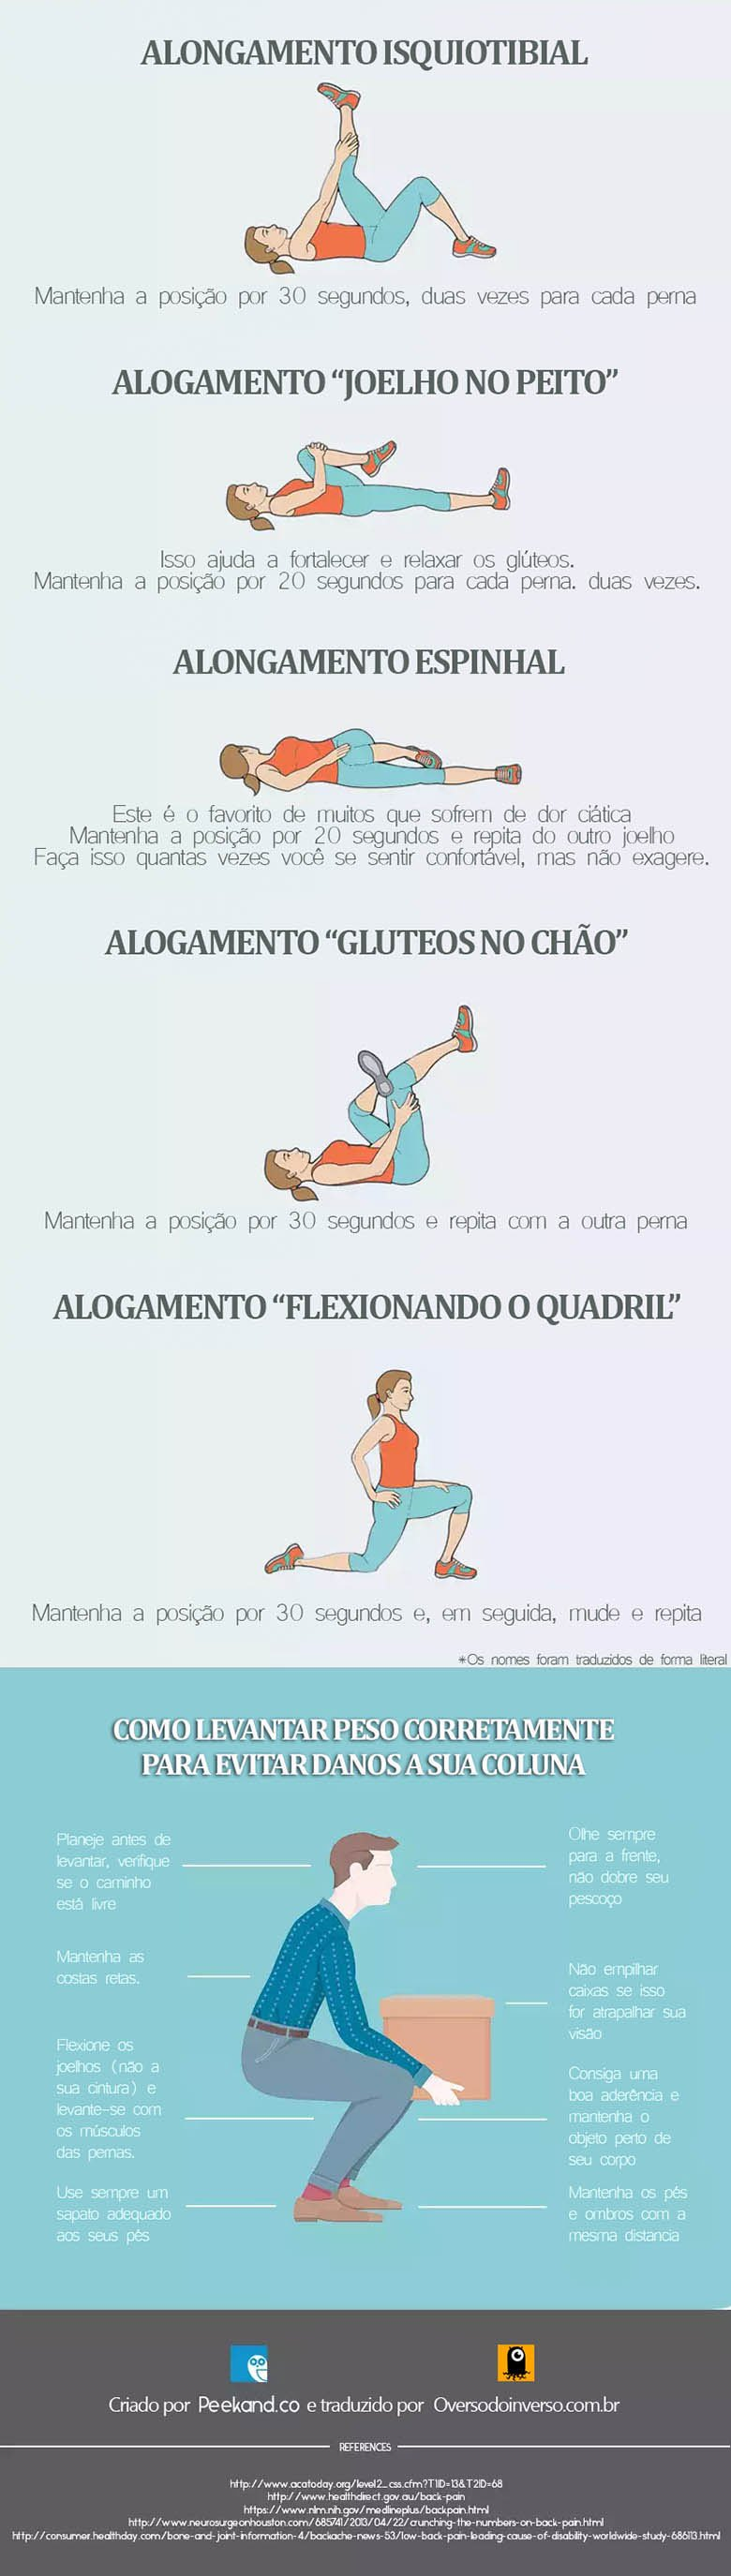 Como aliviar a dor nas costas 2